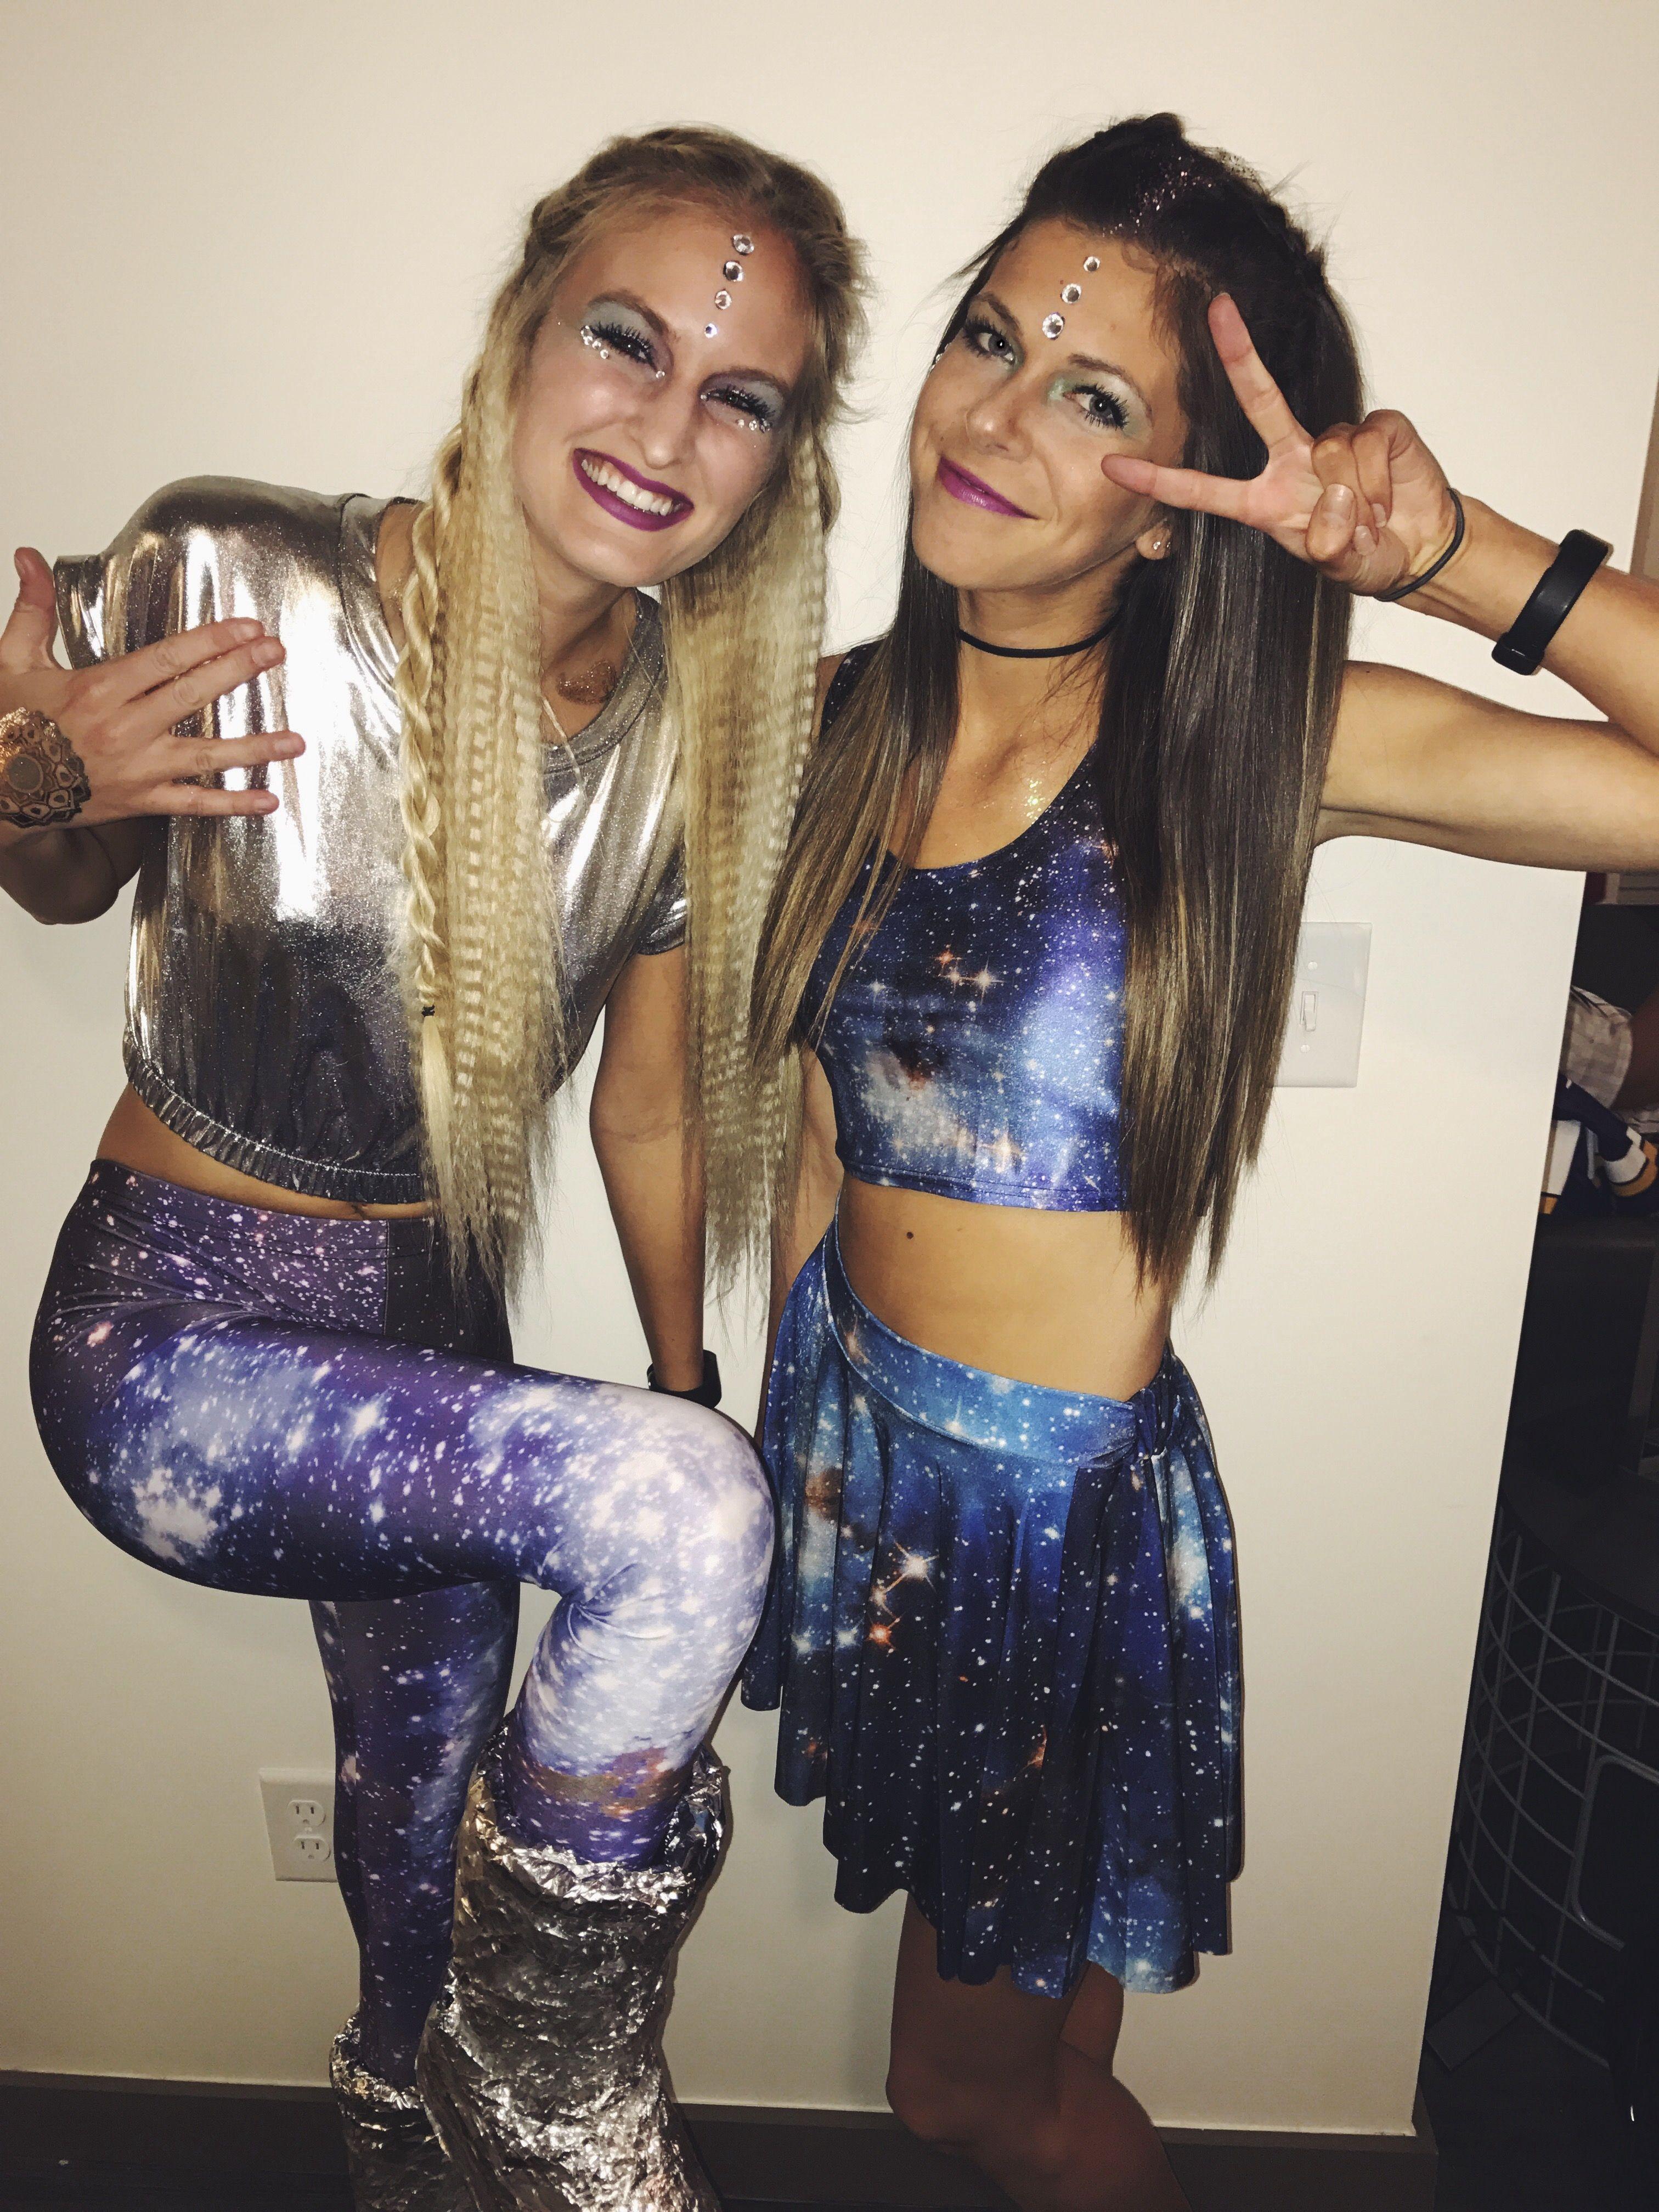 Alien Halloween costume #spookyoutfits